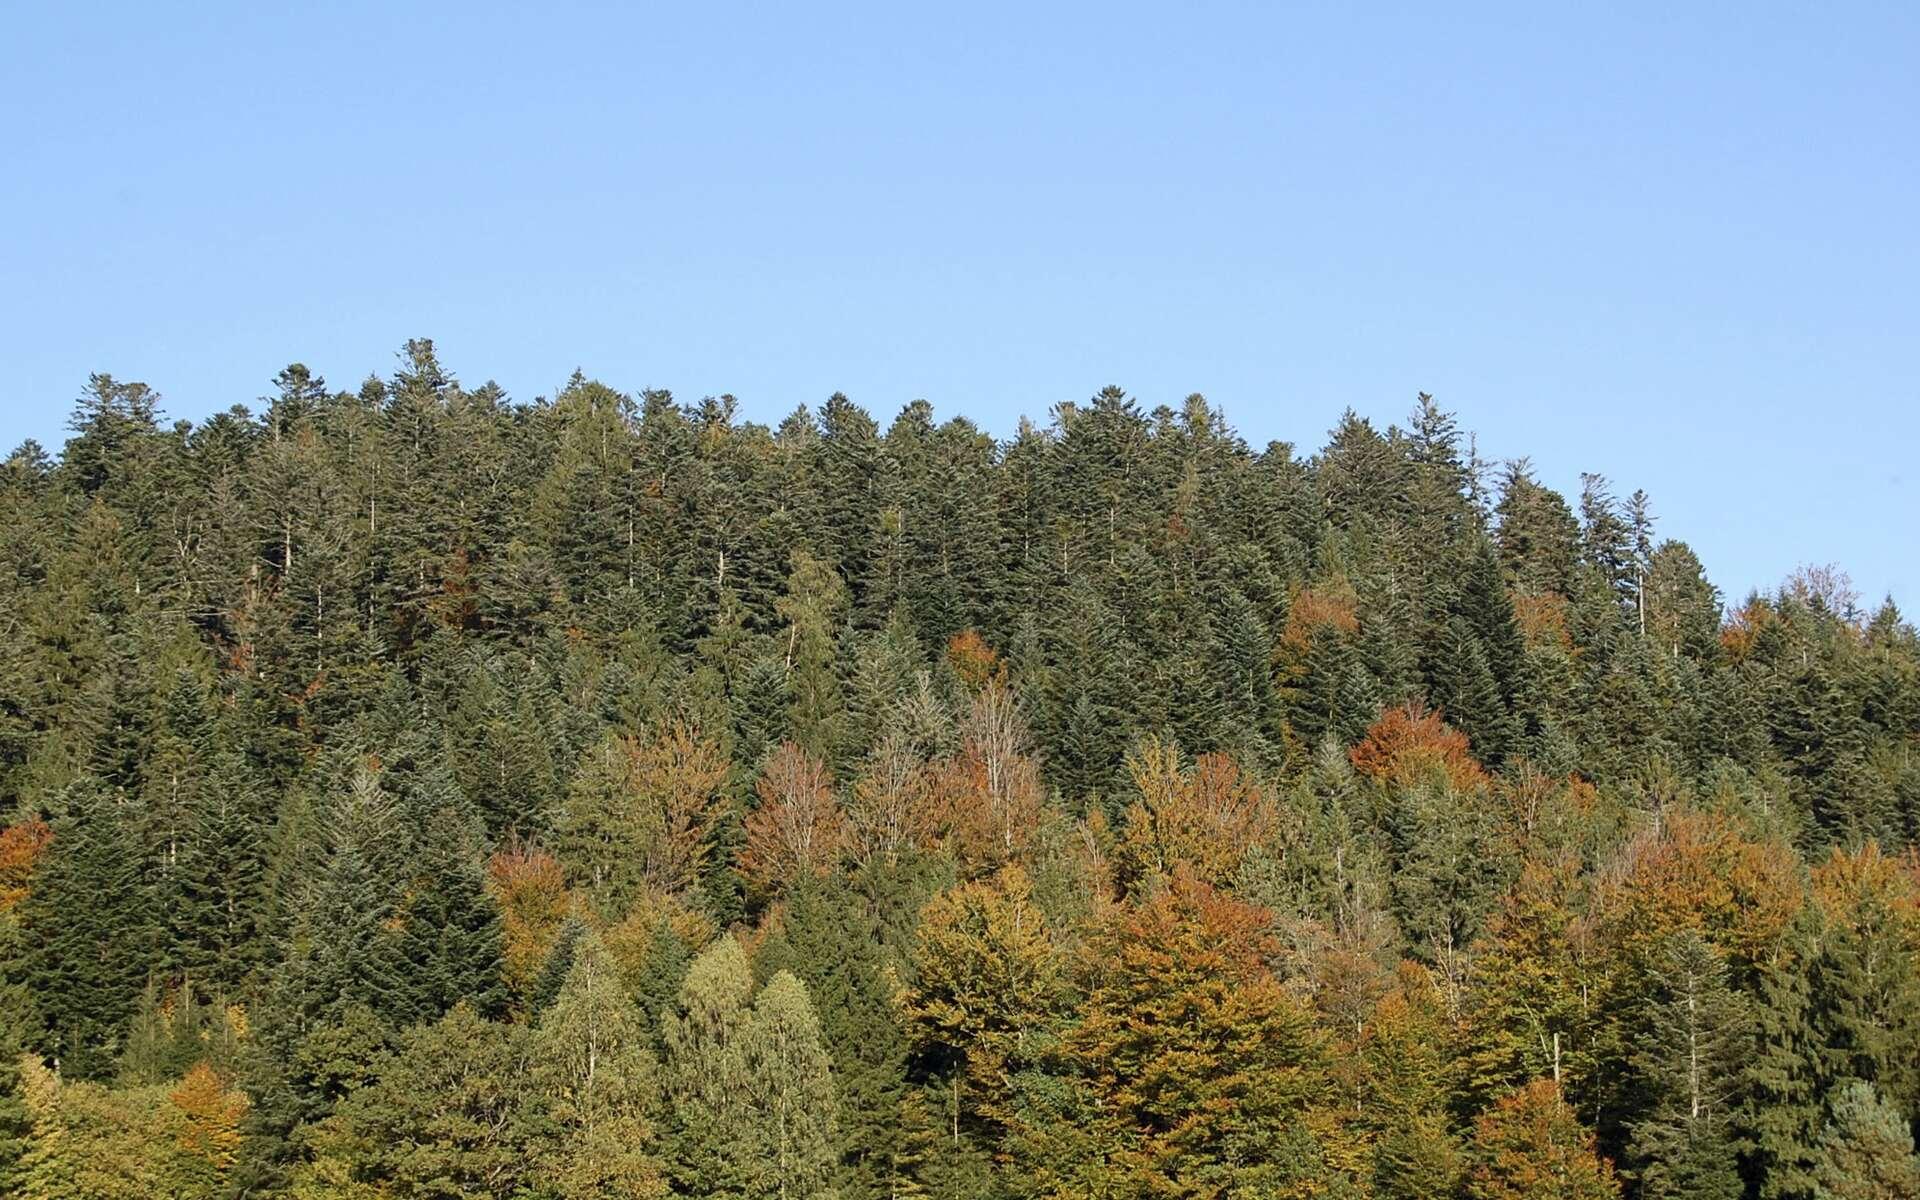 Paysage de la forêt des Vosges. © Sapin88, Wikimedias Commons, CC by-sa 3.0